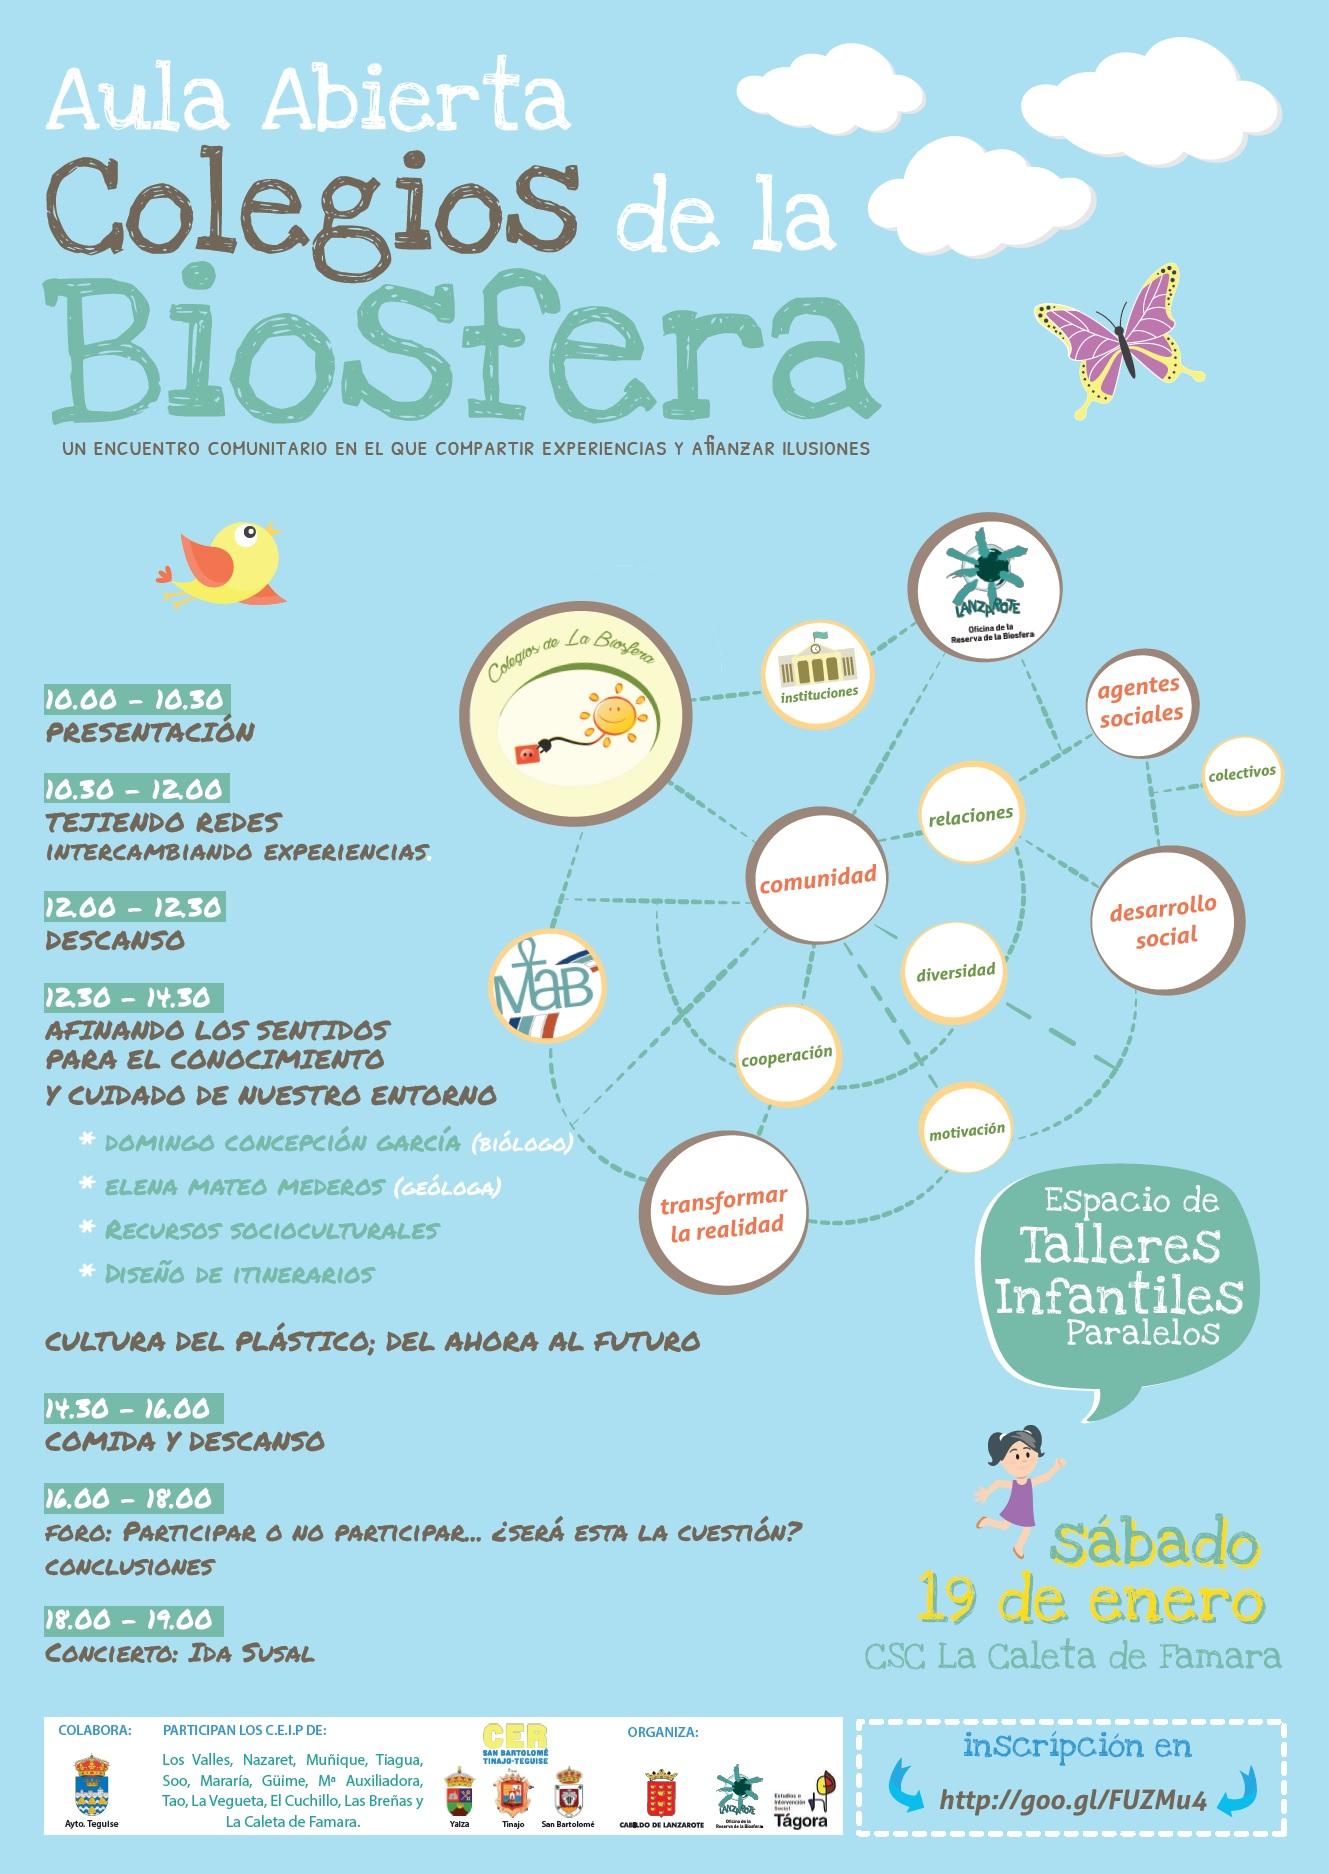 El Cabildo de Lanzarote organiza el encuentro comunitario 'Aula Abierta' de los Colegios de la Biosfera